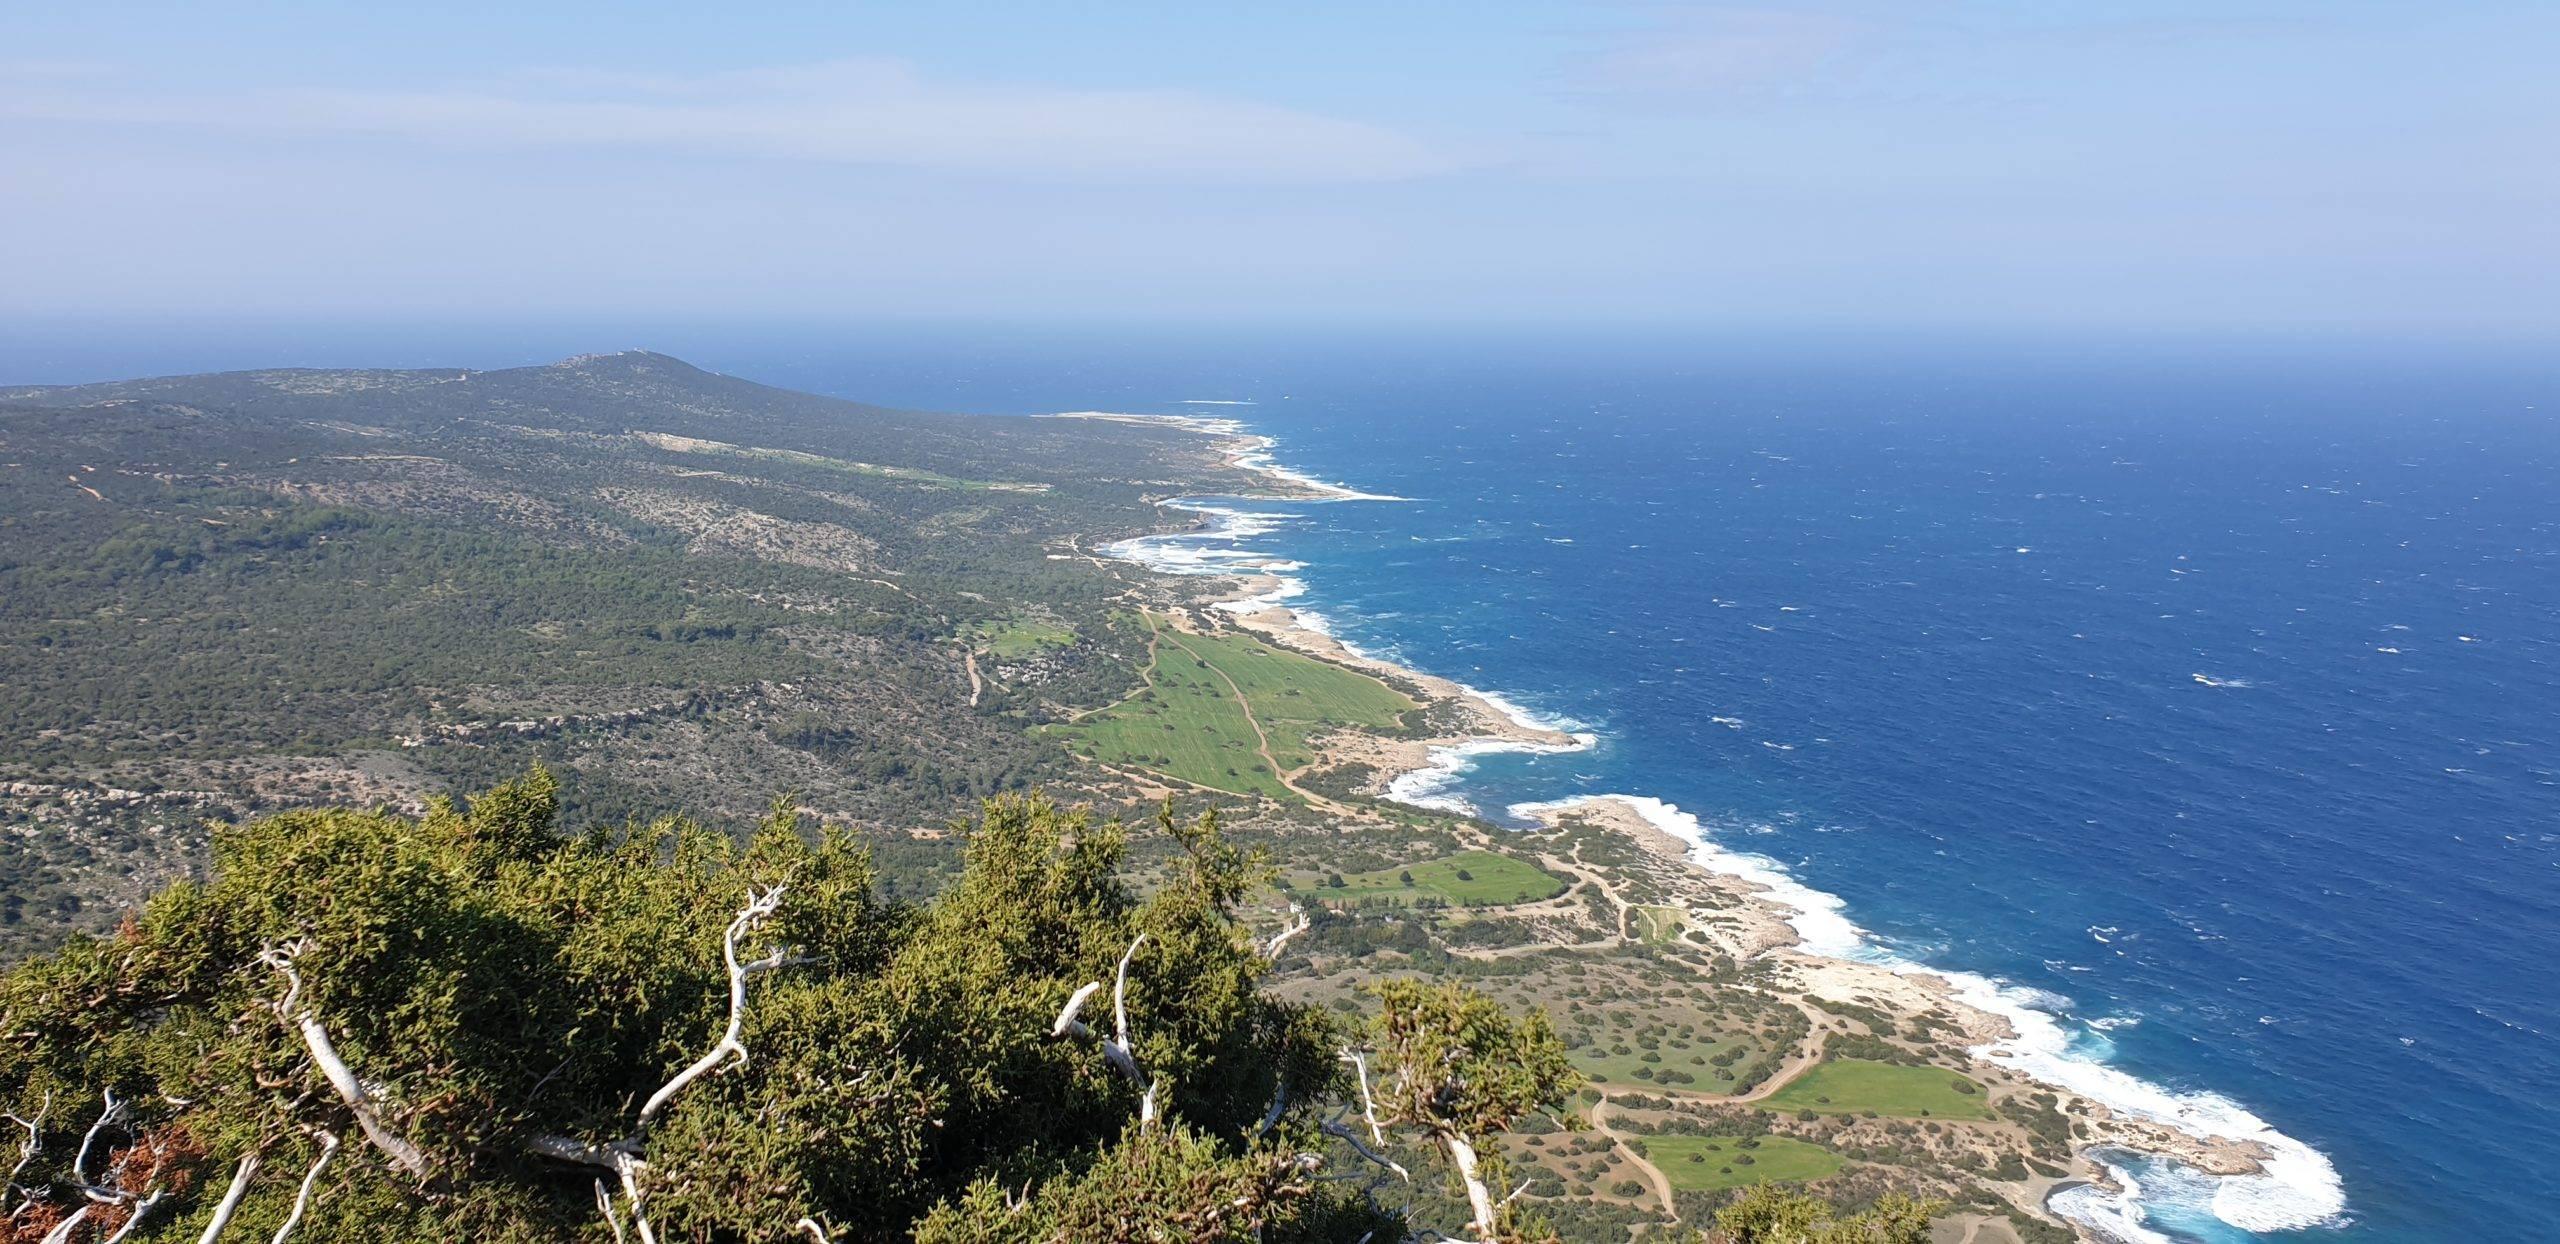 Latci auf Zypern - ein Ort für tolle lange Wanderwege